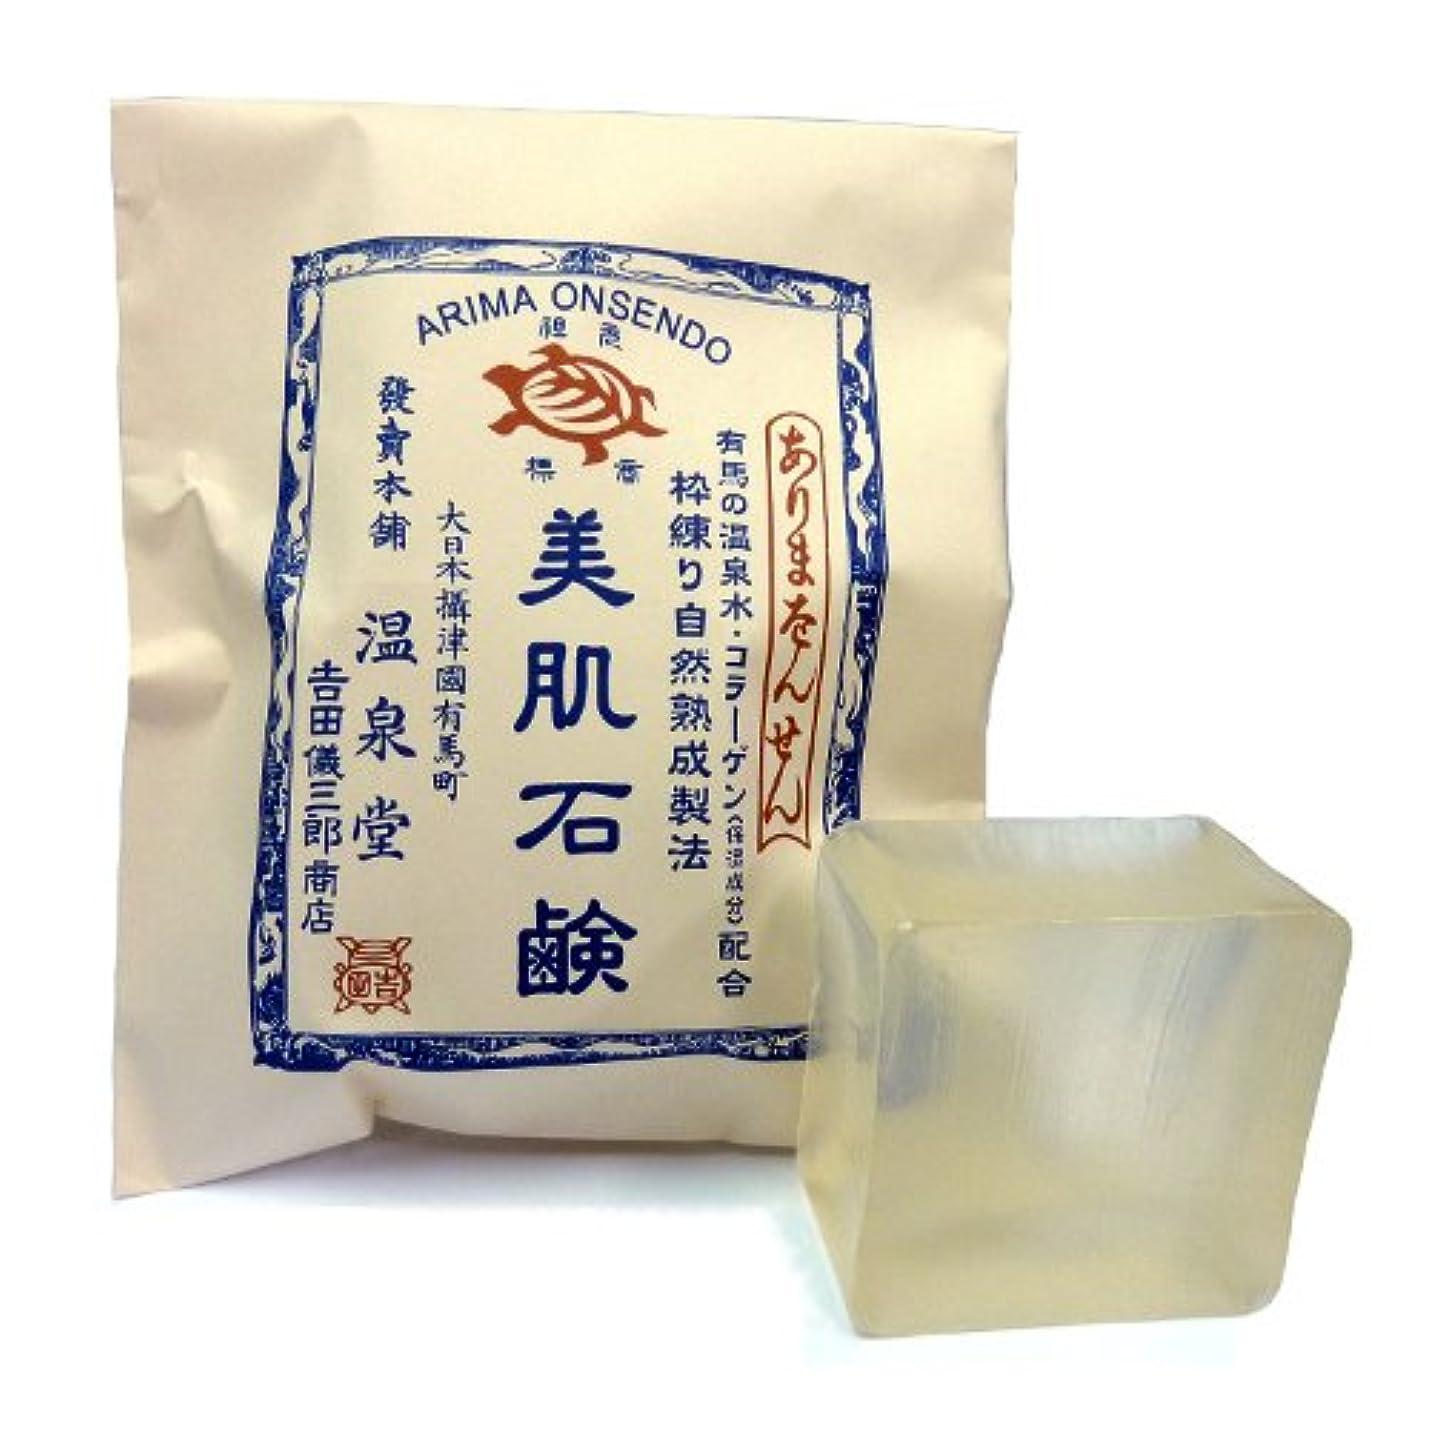 レプリカ階下フォーマルカメ印 枠練自然熟成製法美肌石鹸